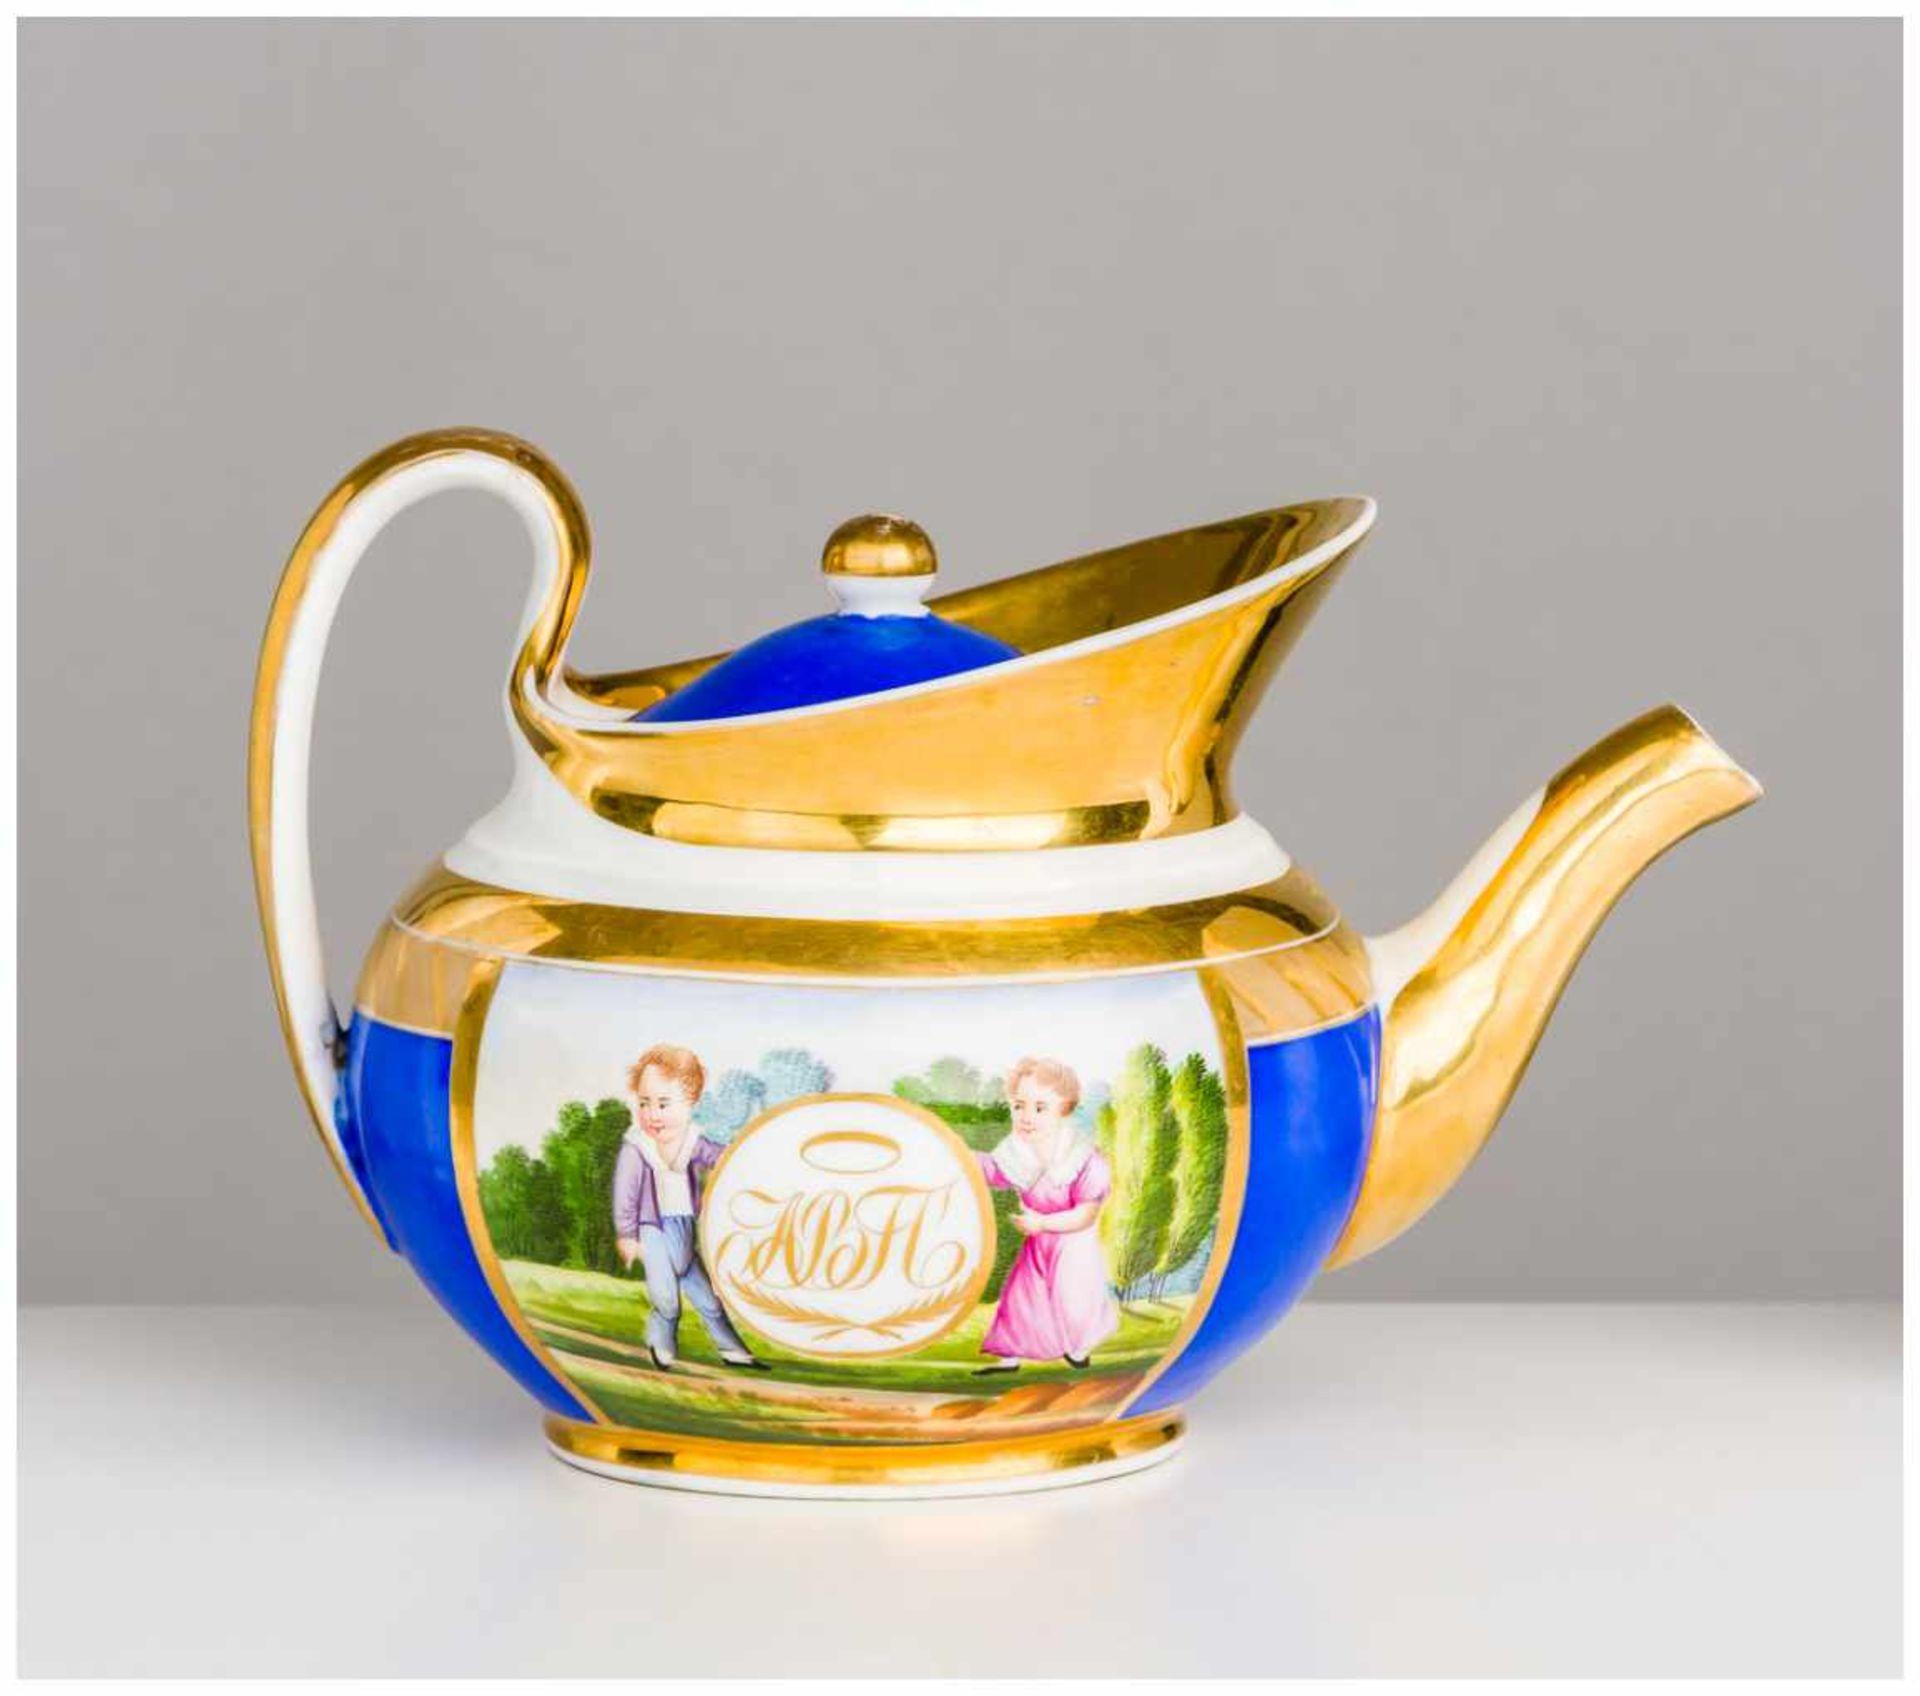 Los 31 - Teekanne Porzellan-Manufaktur Gardner, 1830 - 1840 ca. 12 x 20 cm Auf der Vorder - und Rückseite